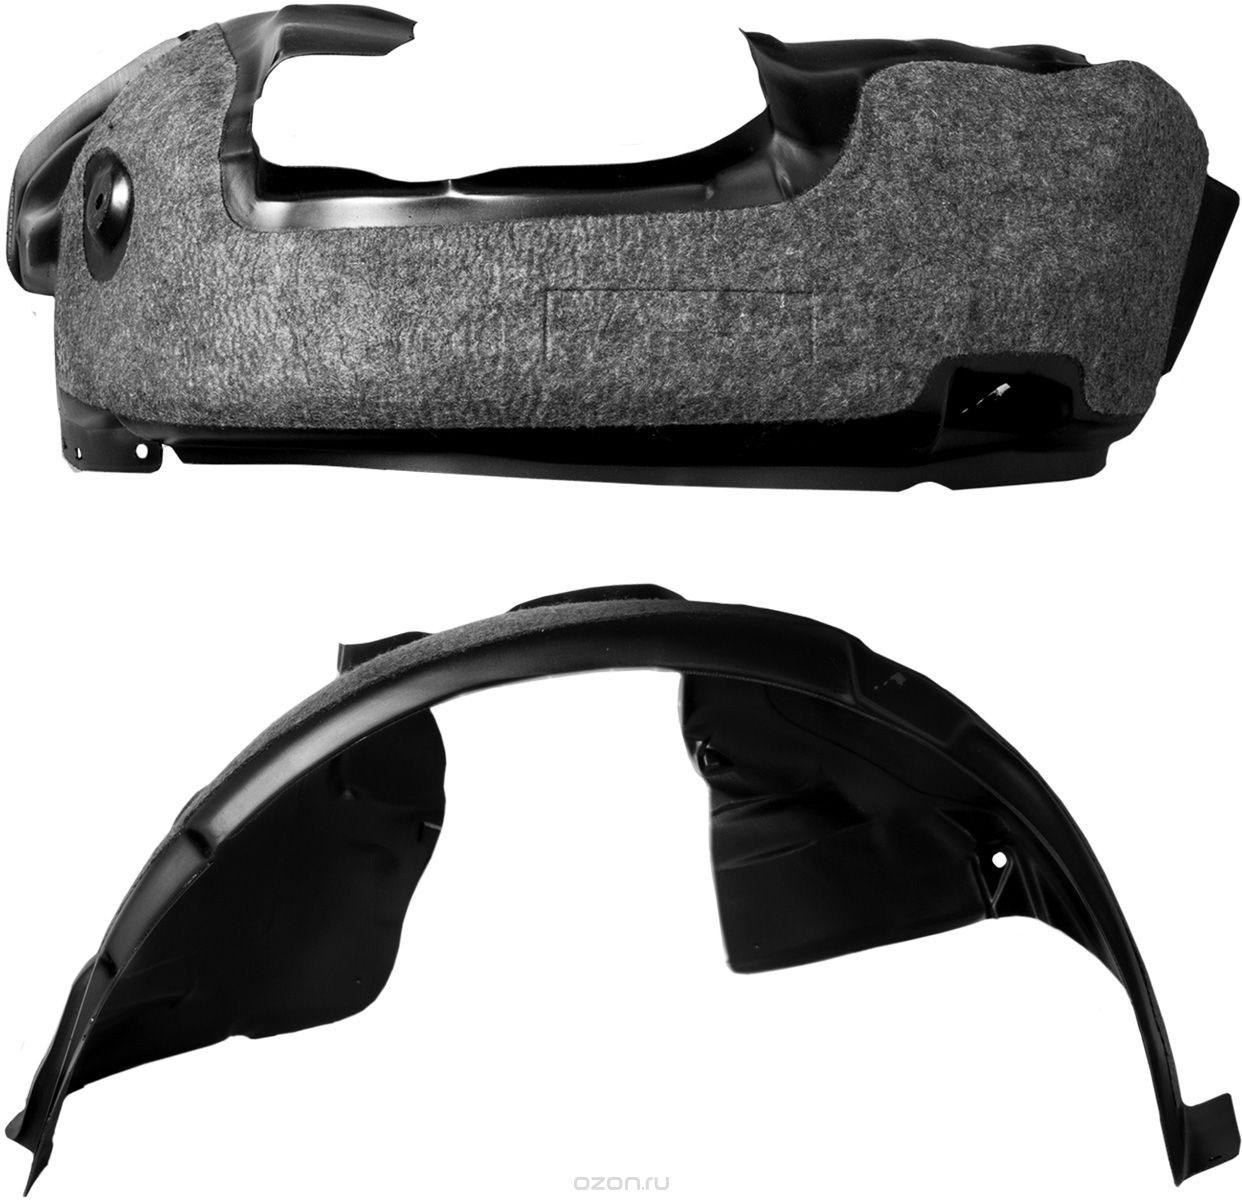 Подкрылок Novline-Autofamily, с шумоизоляцией, для CHERY Tiggo 5 FL, 2016->, кроссовер, передний правыйNLL.52.34.004Идеальная защита колесной ниши. Локеры разработаны с применением цифровых технологий, гарантируют максимальную повторяемость поверхности арки. Изделия устанавливаются без нарушения лакокрасочного покрытия автомобиля, каждый подкрылок комплектуется крепежом. Уважаемые клиенты, обращаем ваше внимание, что фотографии на подкрылки универсальные и не отражают реальную форму изделия. При этом само изделие идет точно под размер указанного автомобиля.